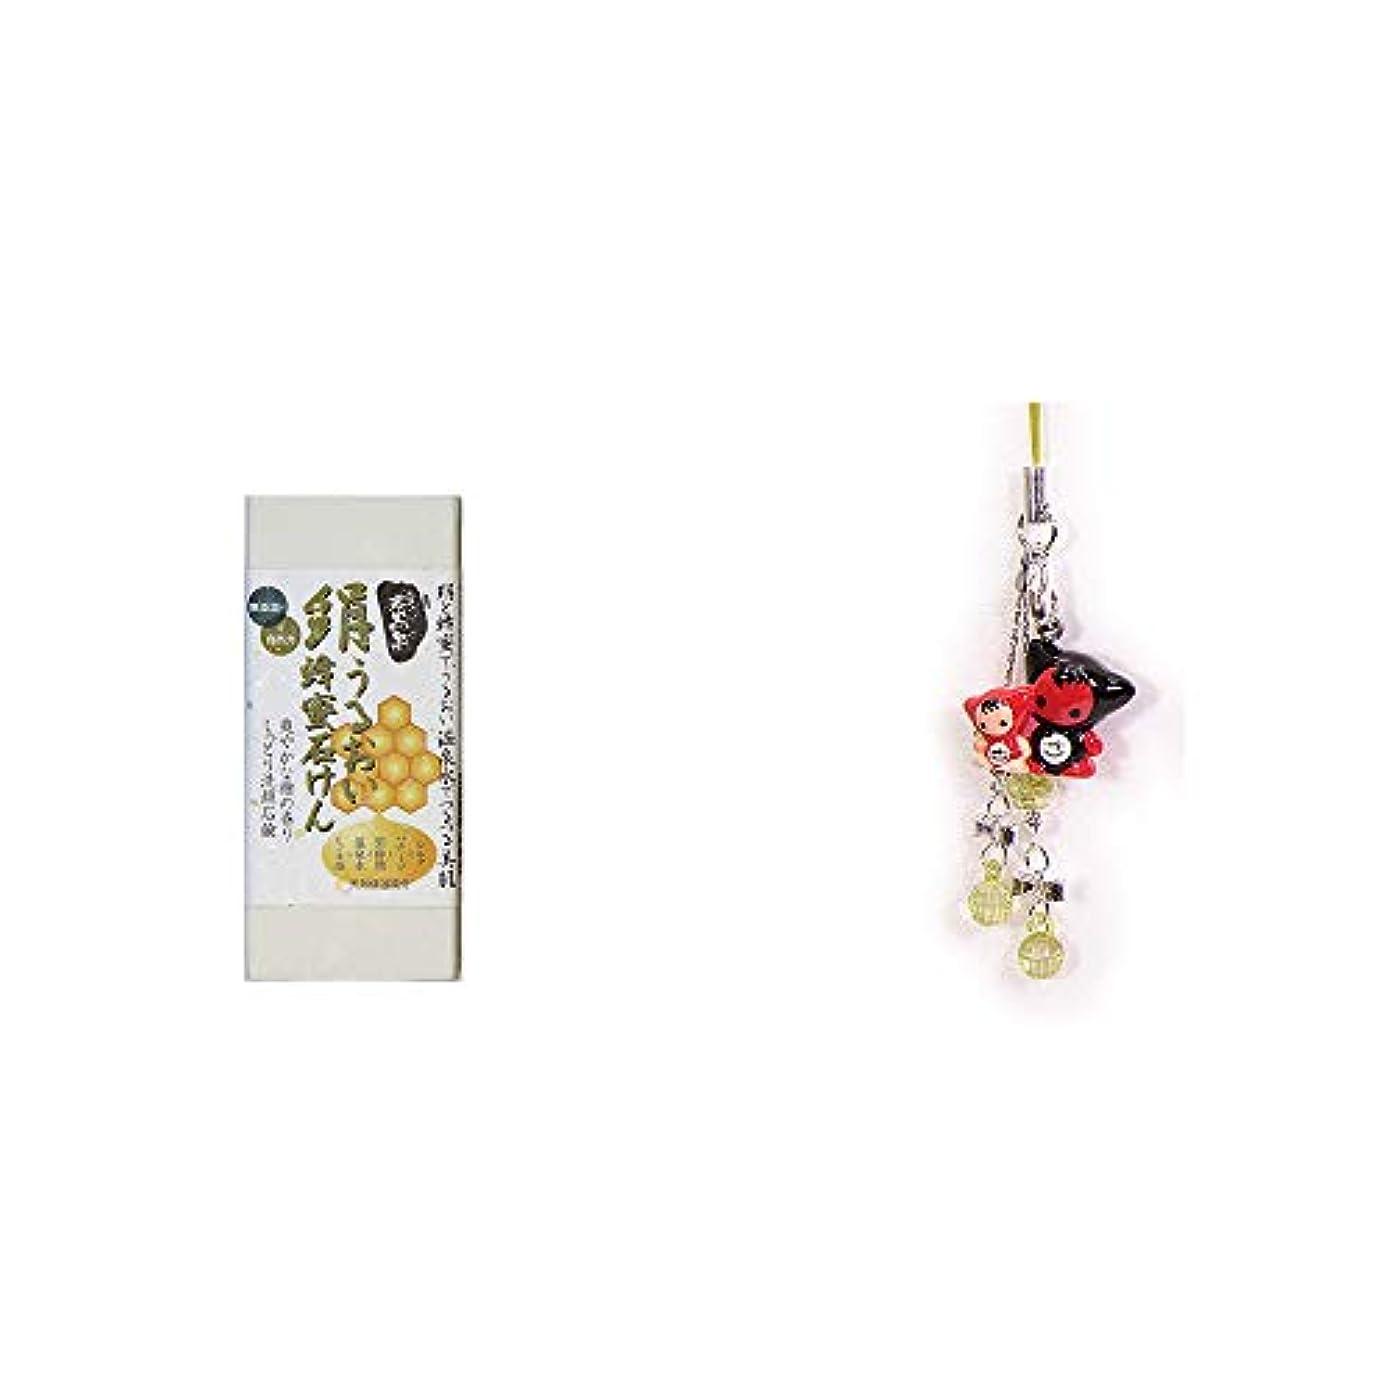 個人贈り物取り組む[2点セット] ひのき炭黒泉 絹うるおい蜂蜜石けん(75g×2)?さるぼぼペアビーズストラップ 【緑】/縁結び?魔除け//